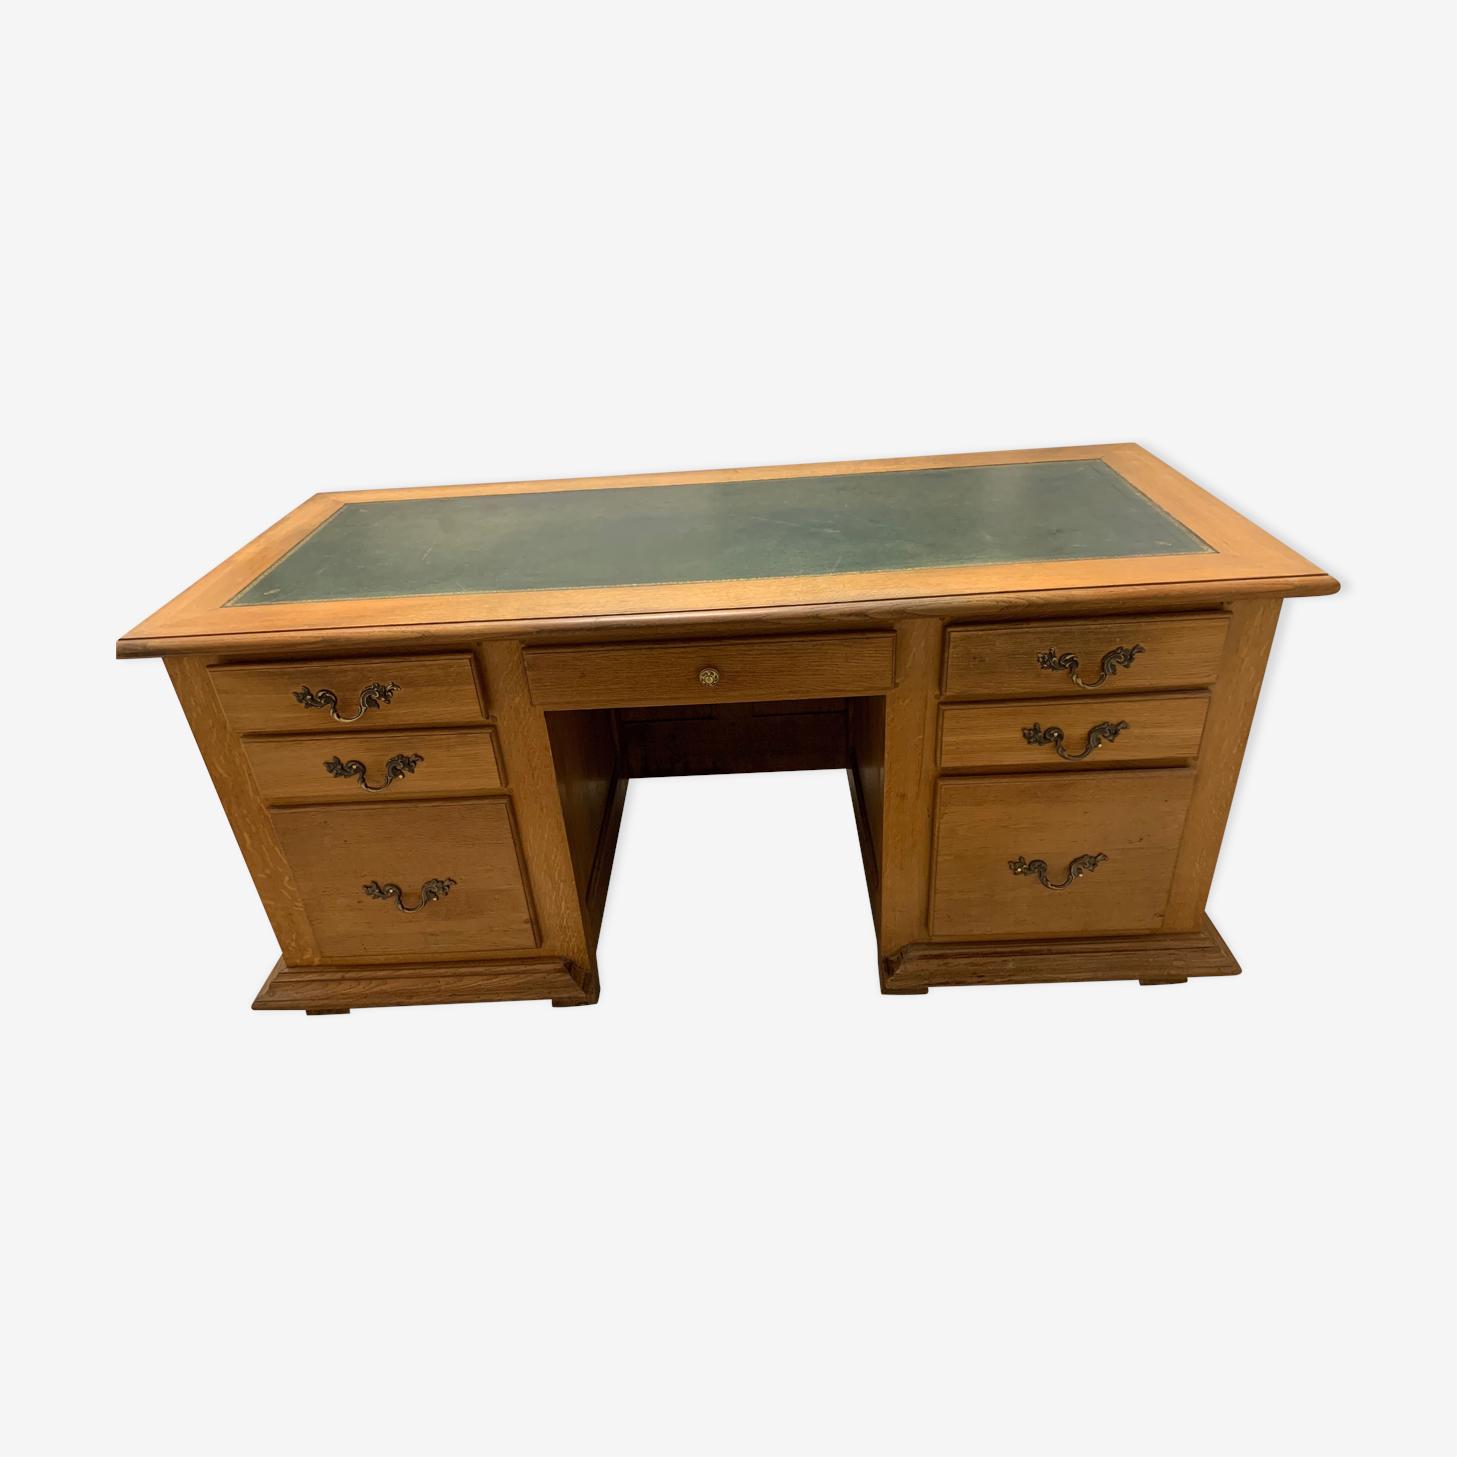 Minister's desk